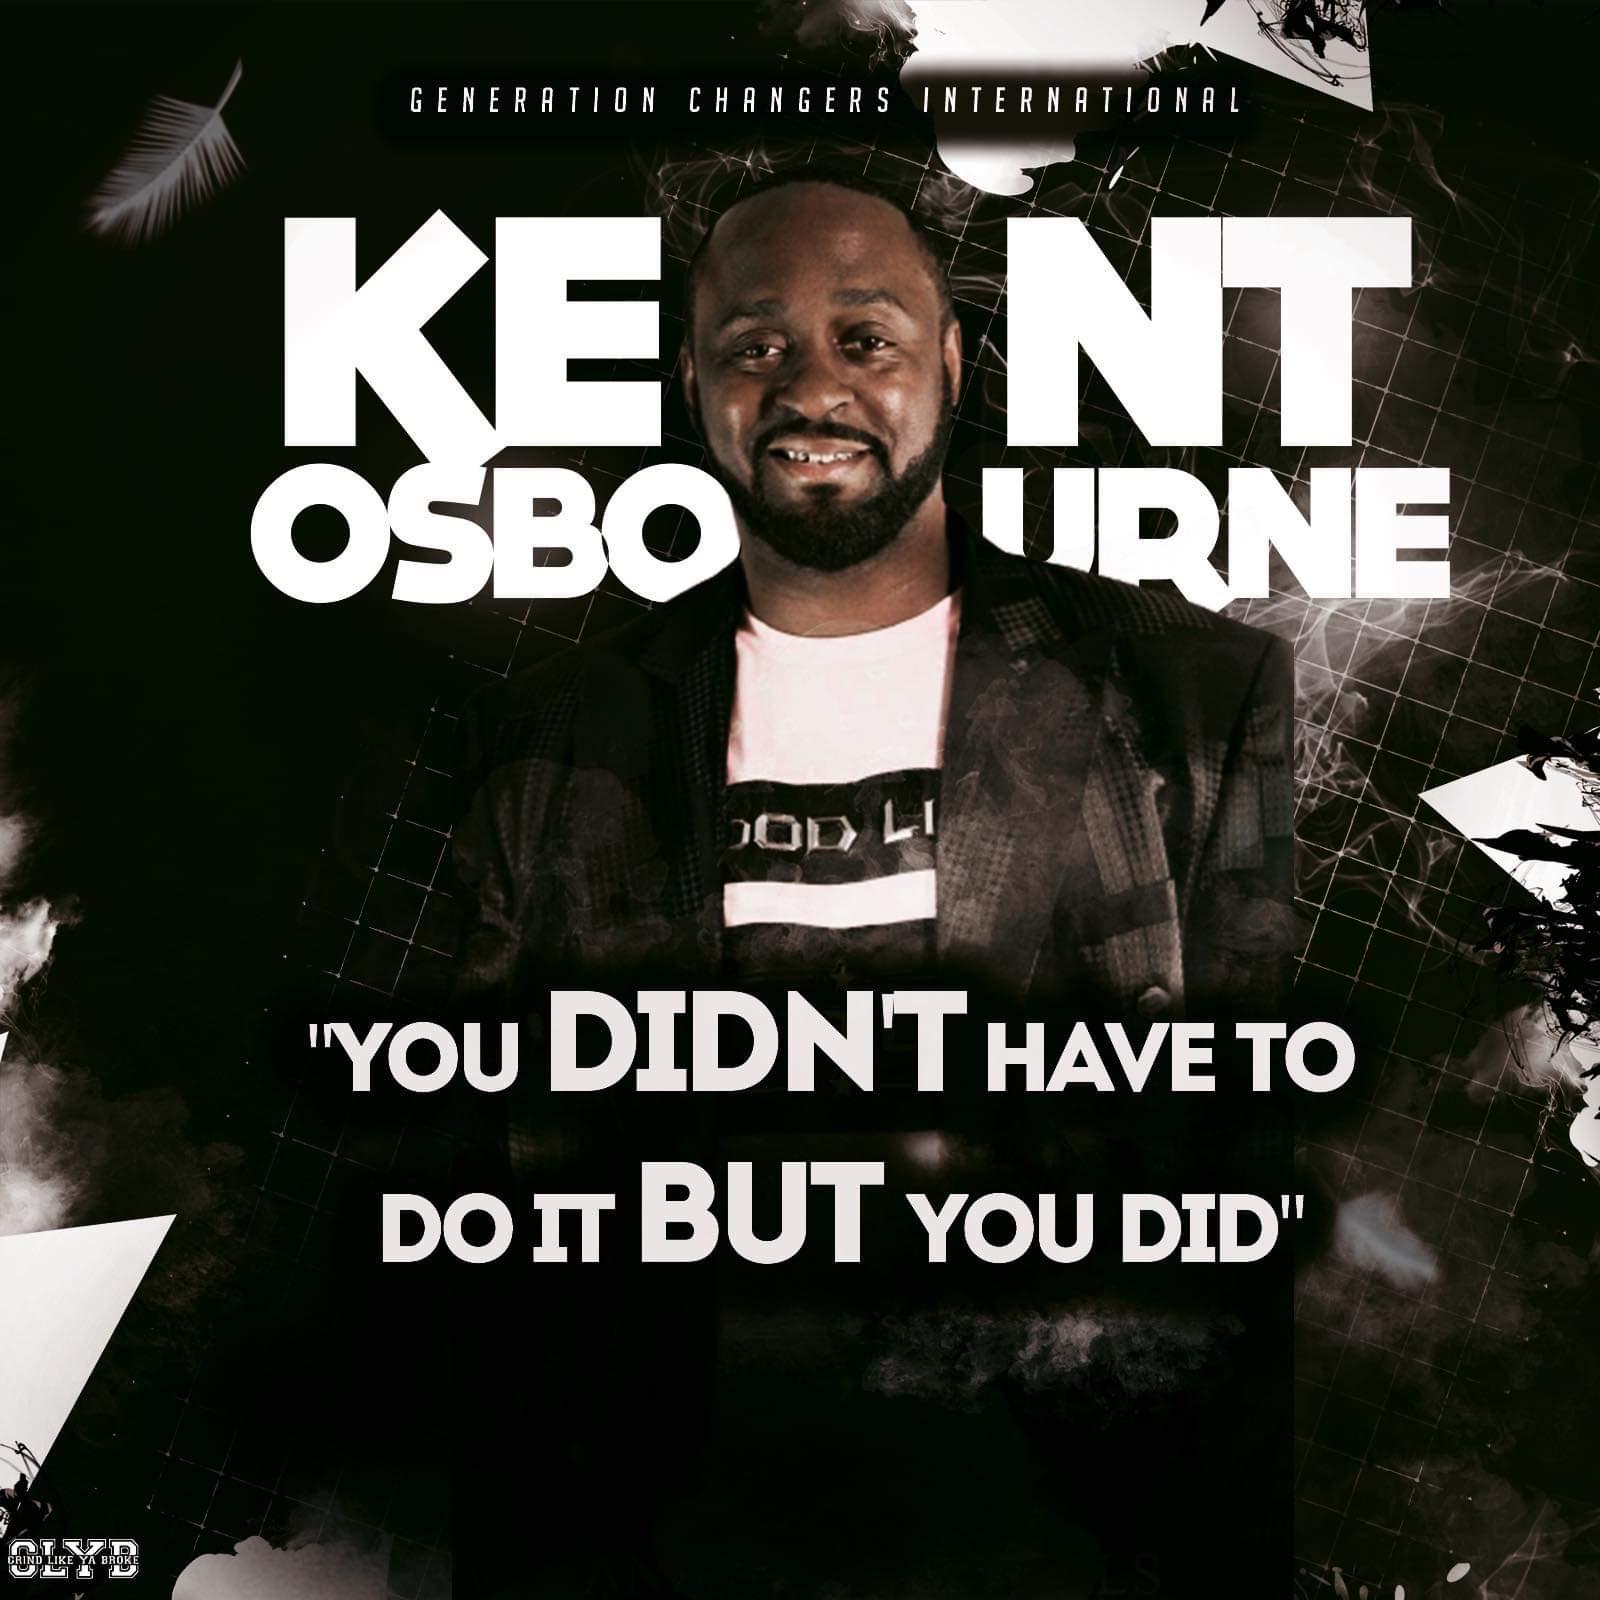 Evoking God In The Darkest Moments to Bring Forth the Light: Inspiring Gospel Artist Kent Osborne Releases New Single